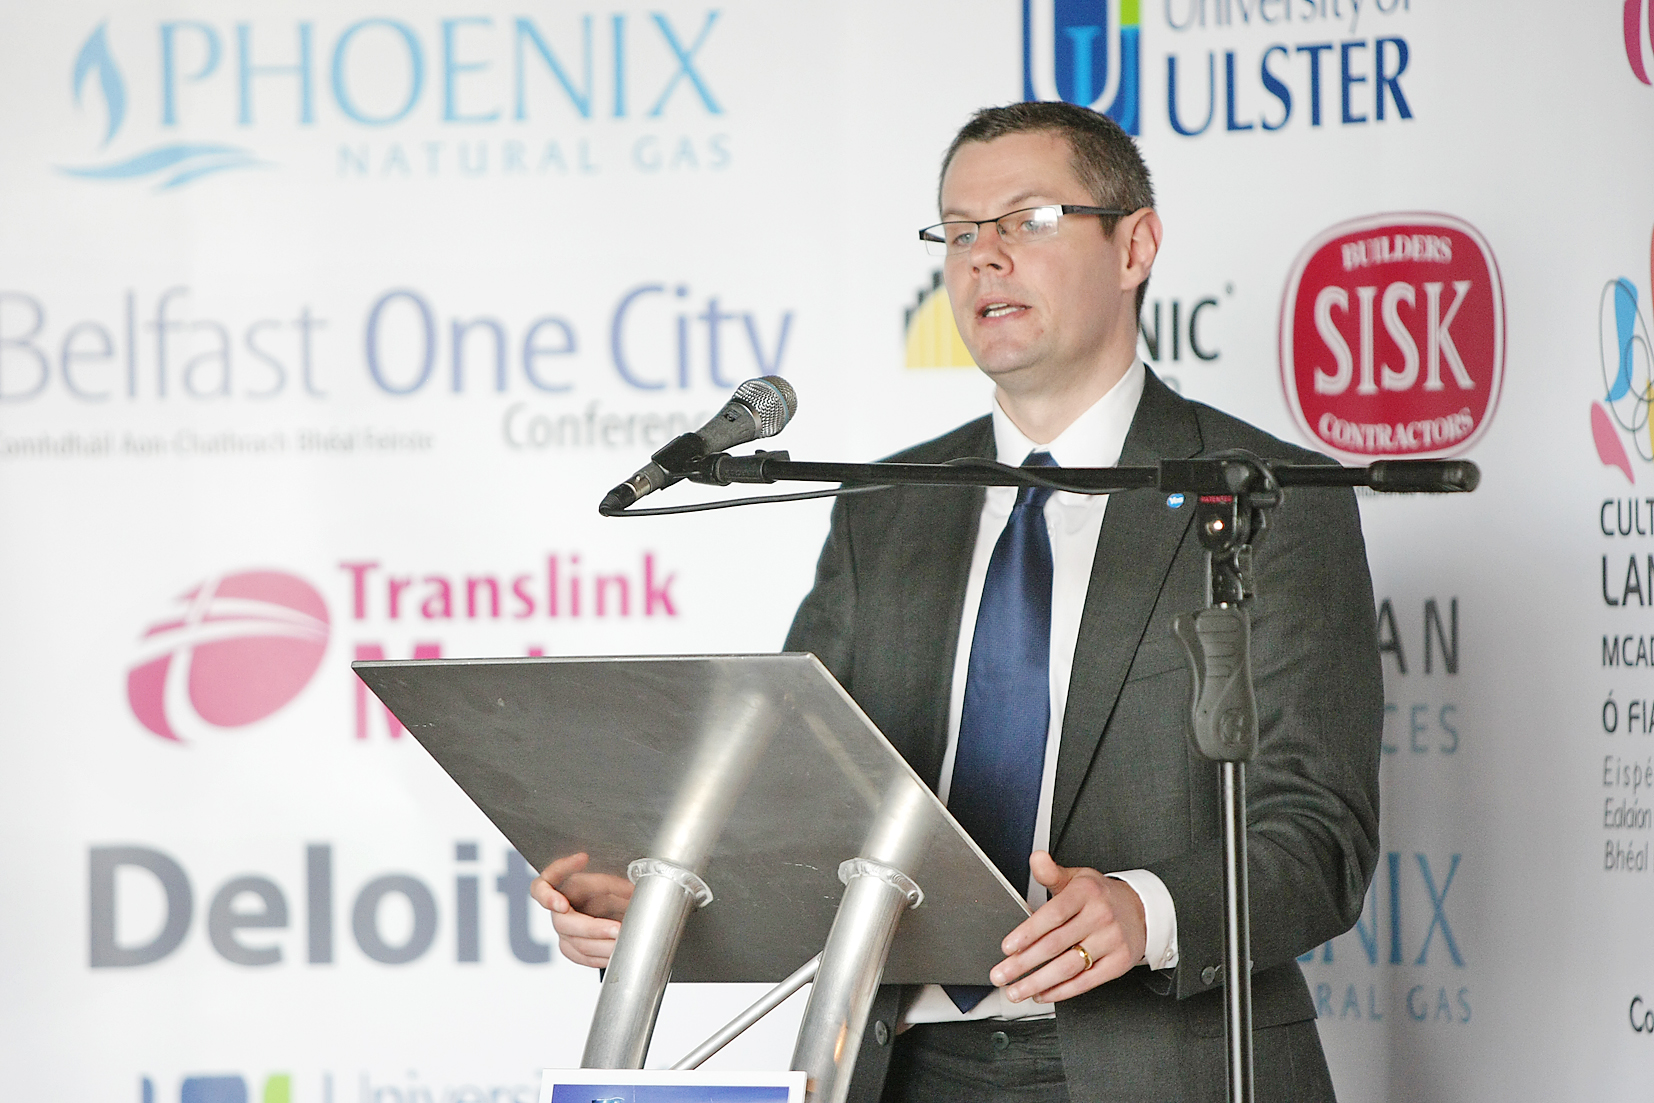 One City Conference Titanic Belfast 47105mj13